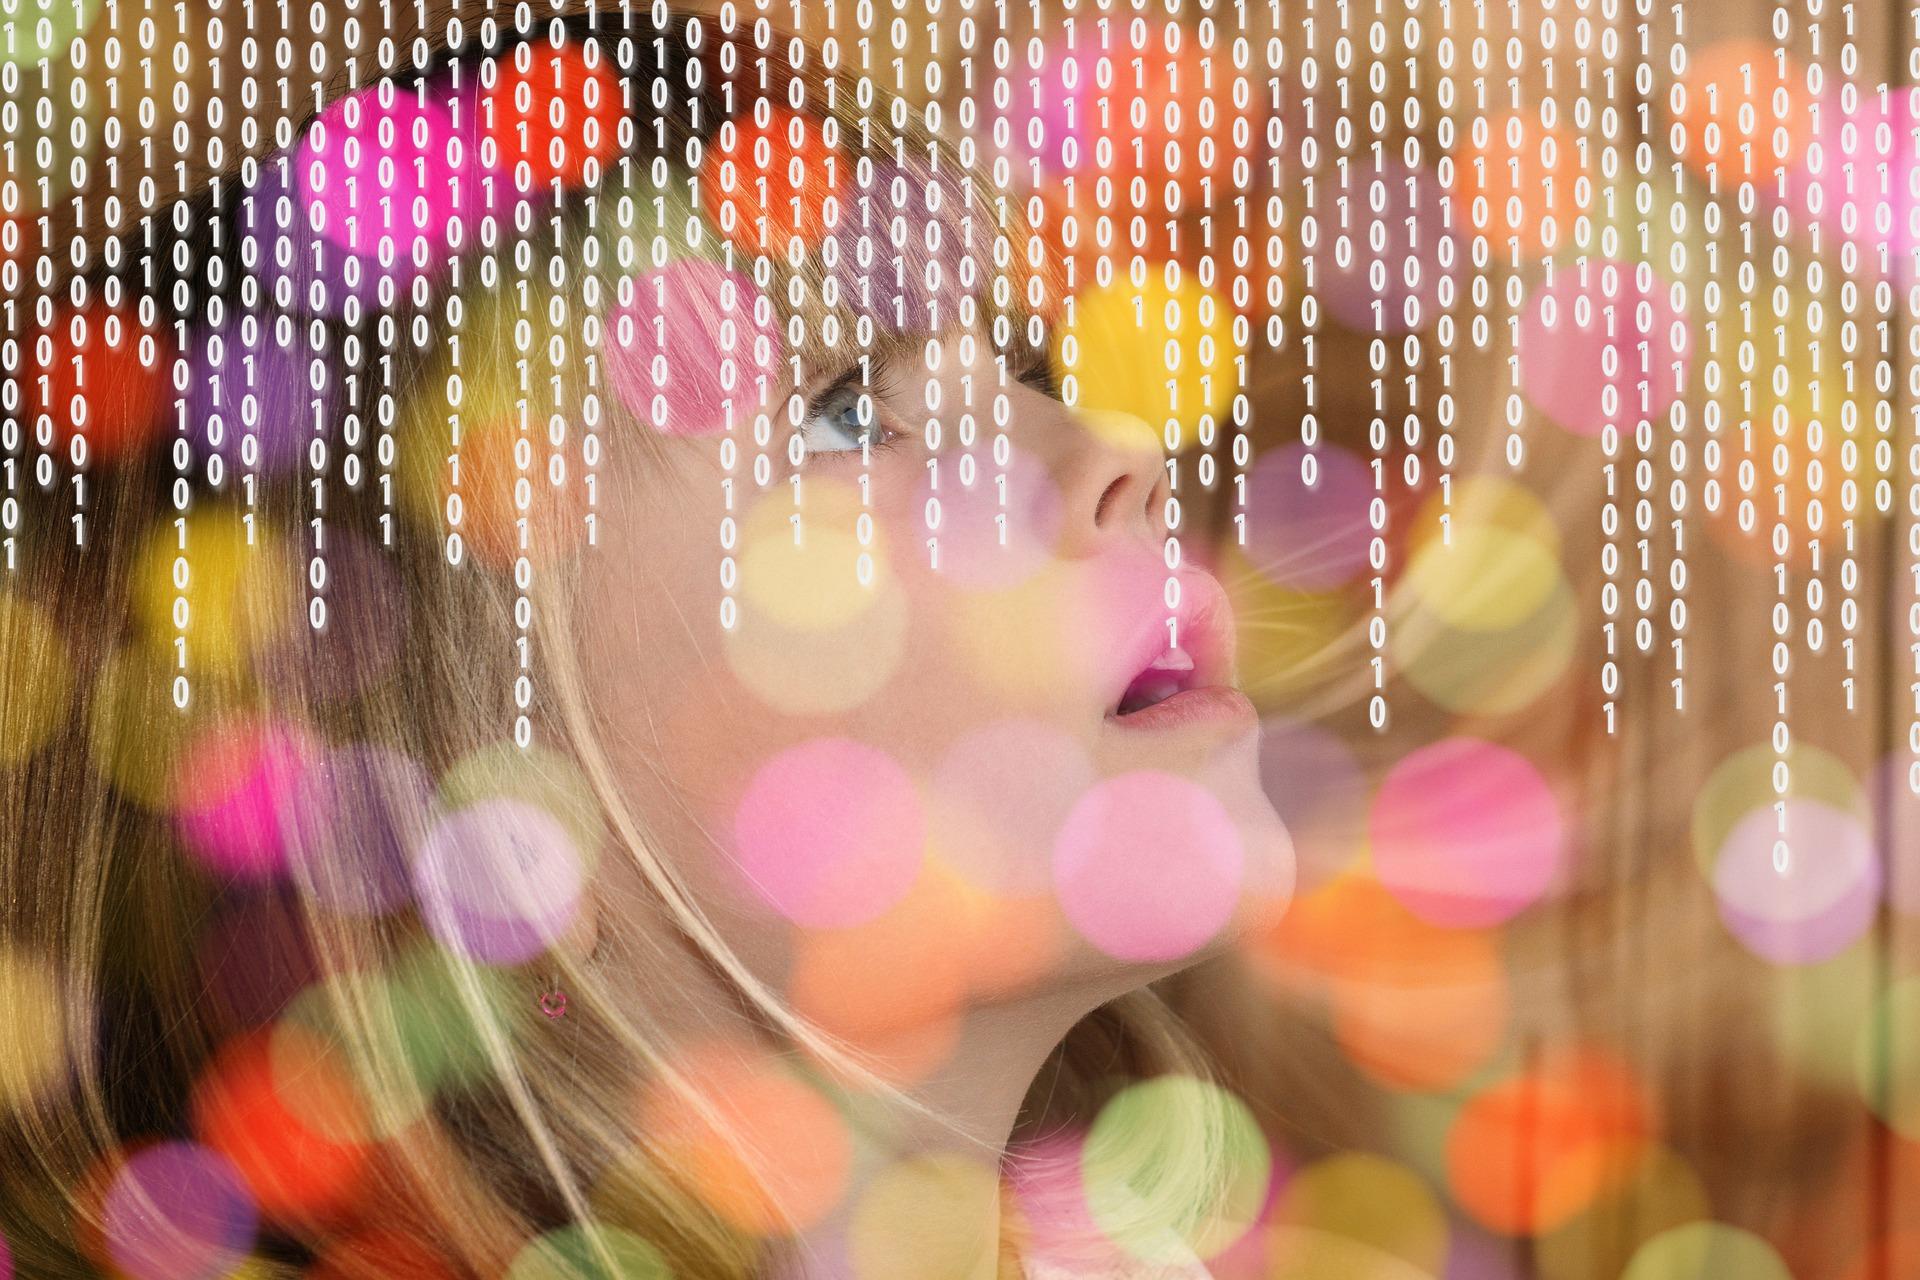 Muzika, slušanje muzike/Photo: Pixabay